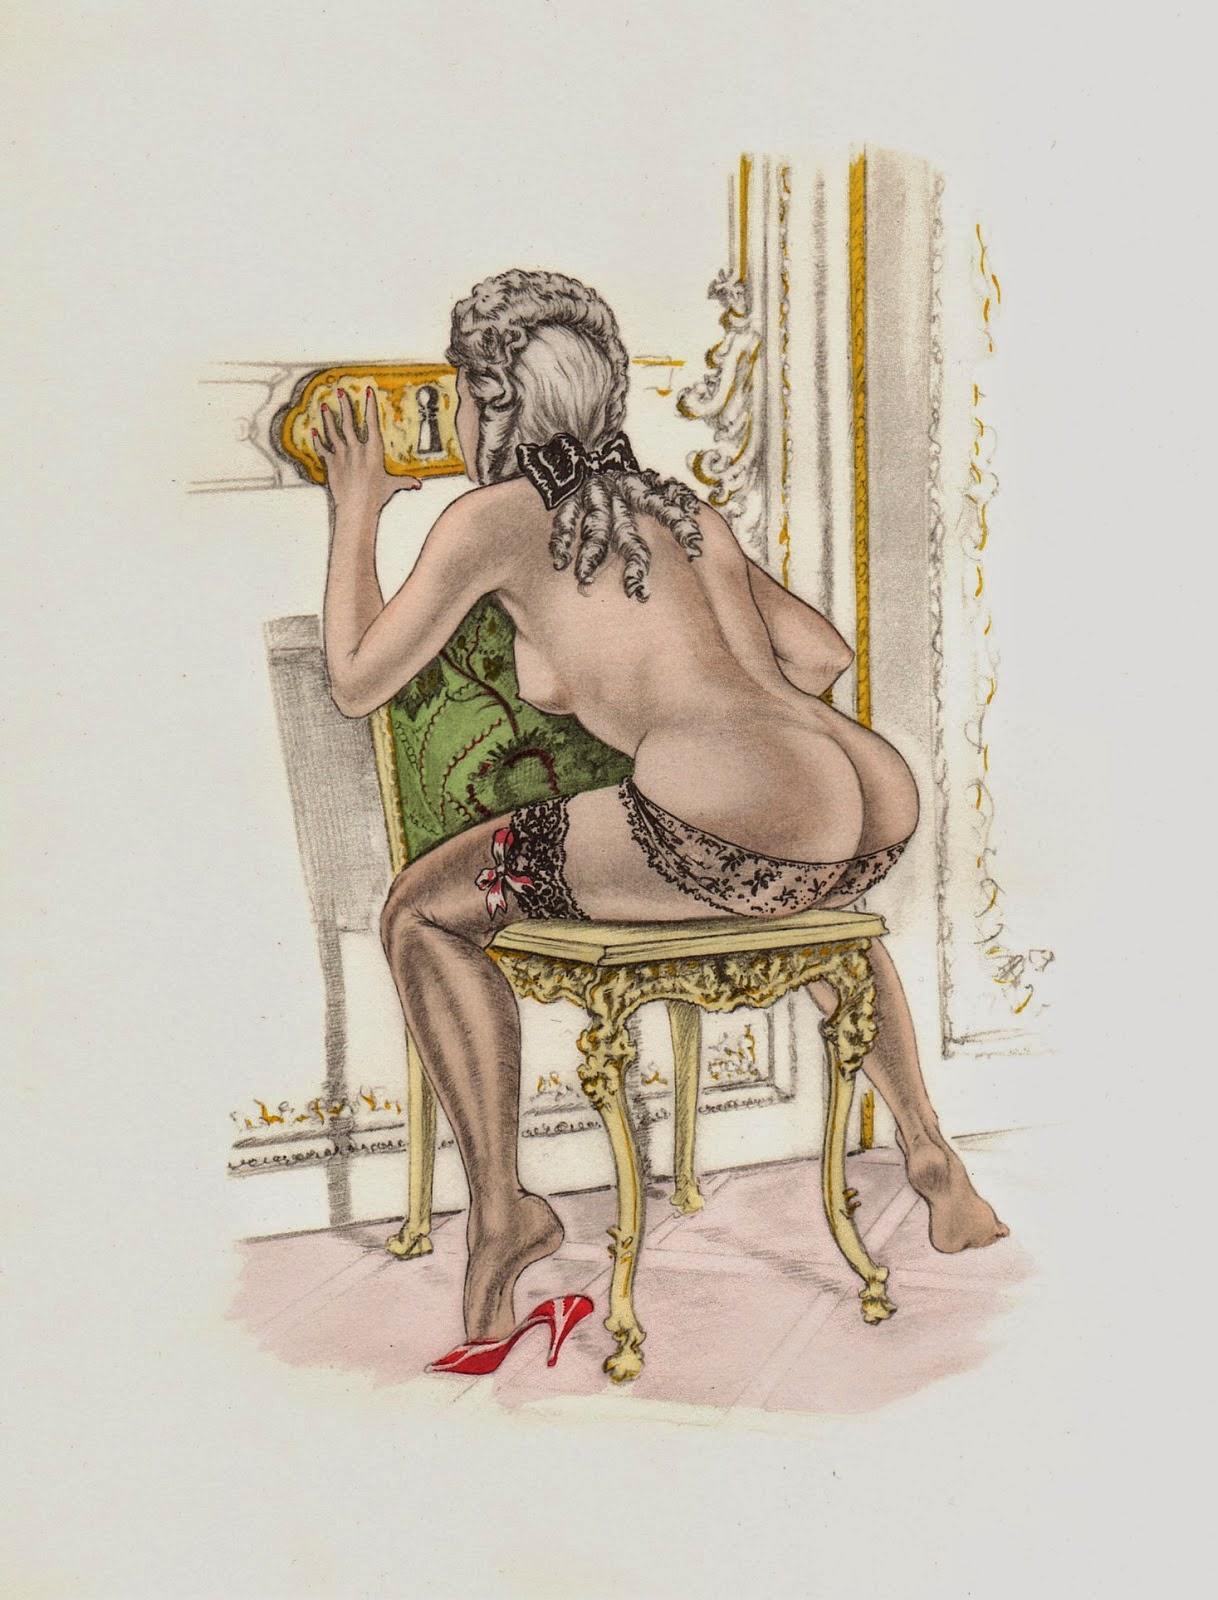 Эротические рисунки голых девушек и обнаженных женщин